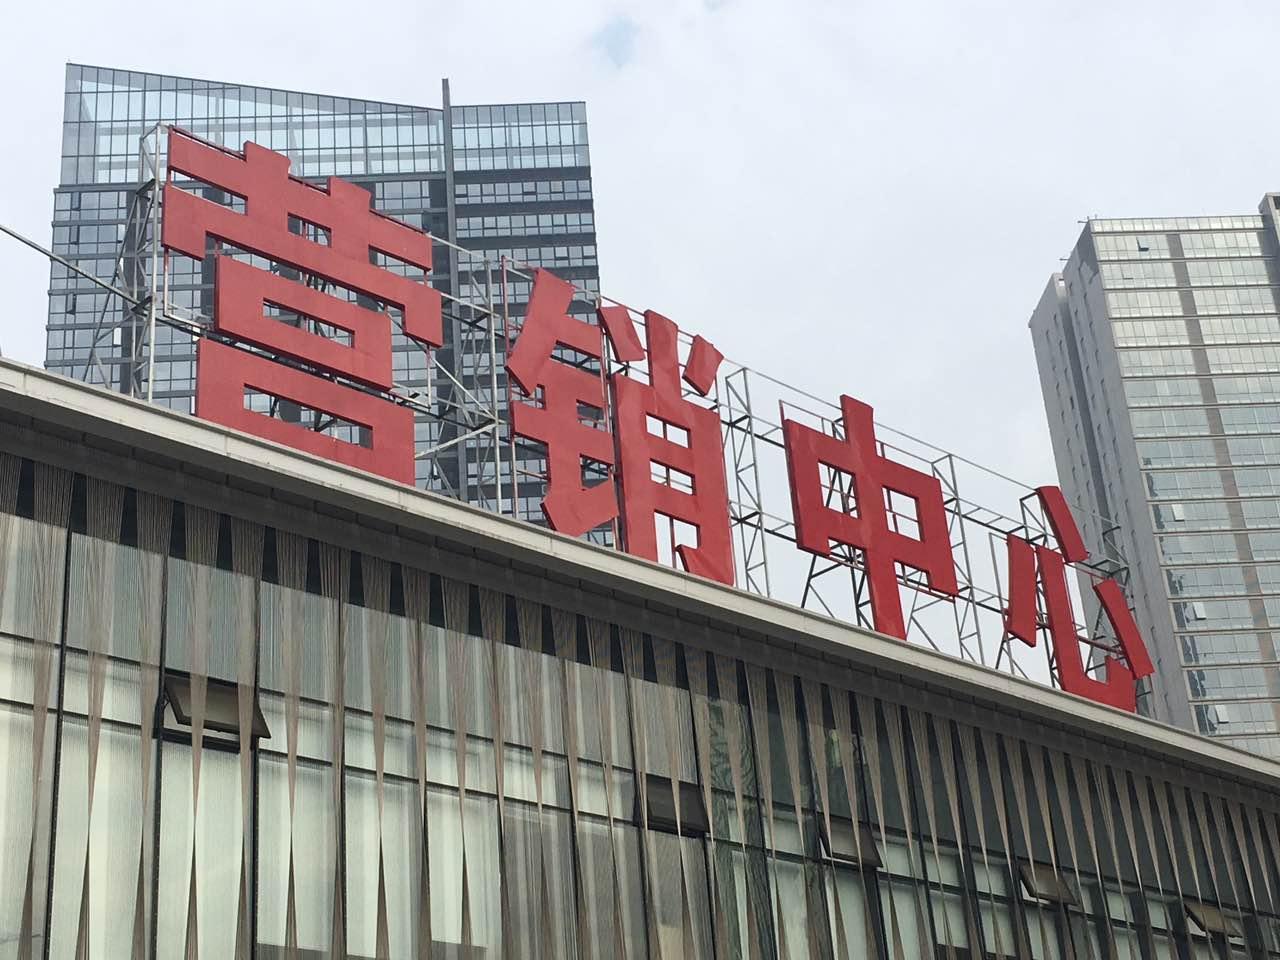 樓頂大字招牌如何確定字體尺寸?